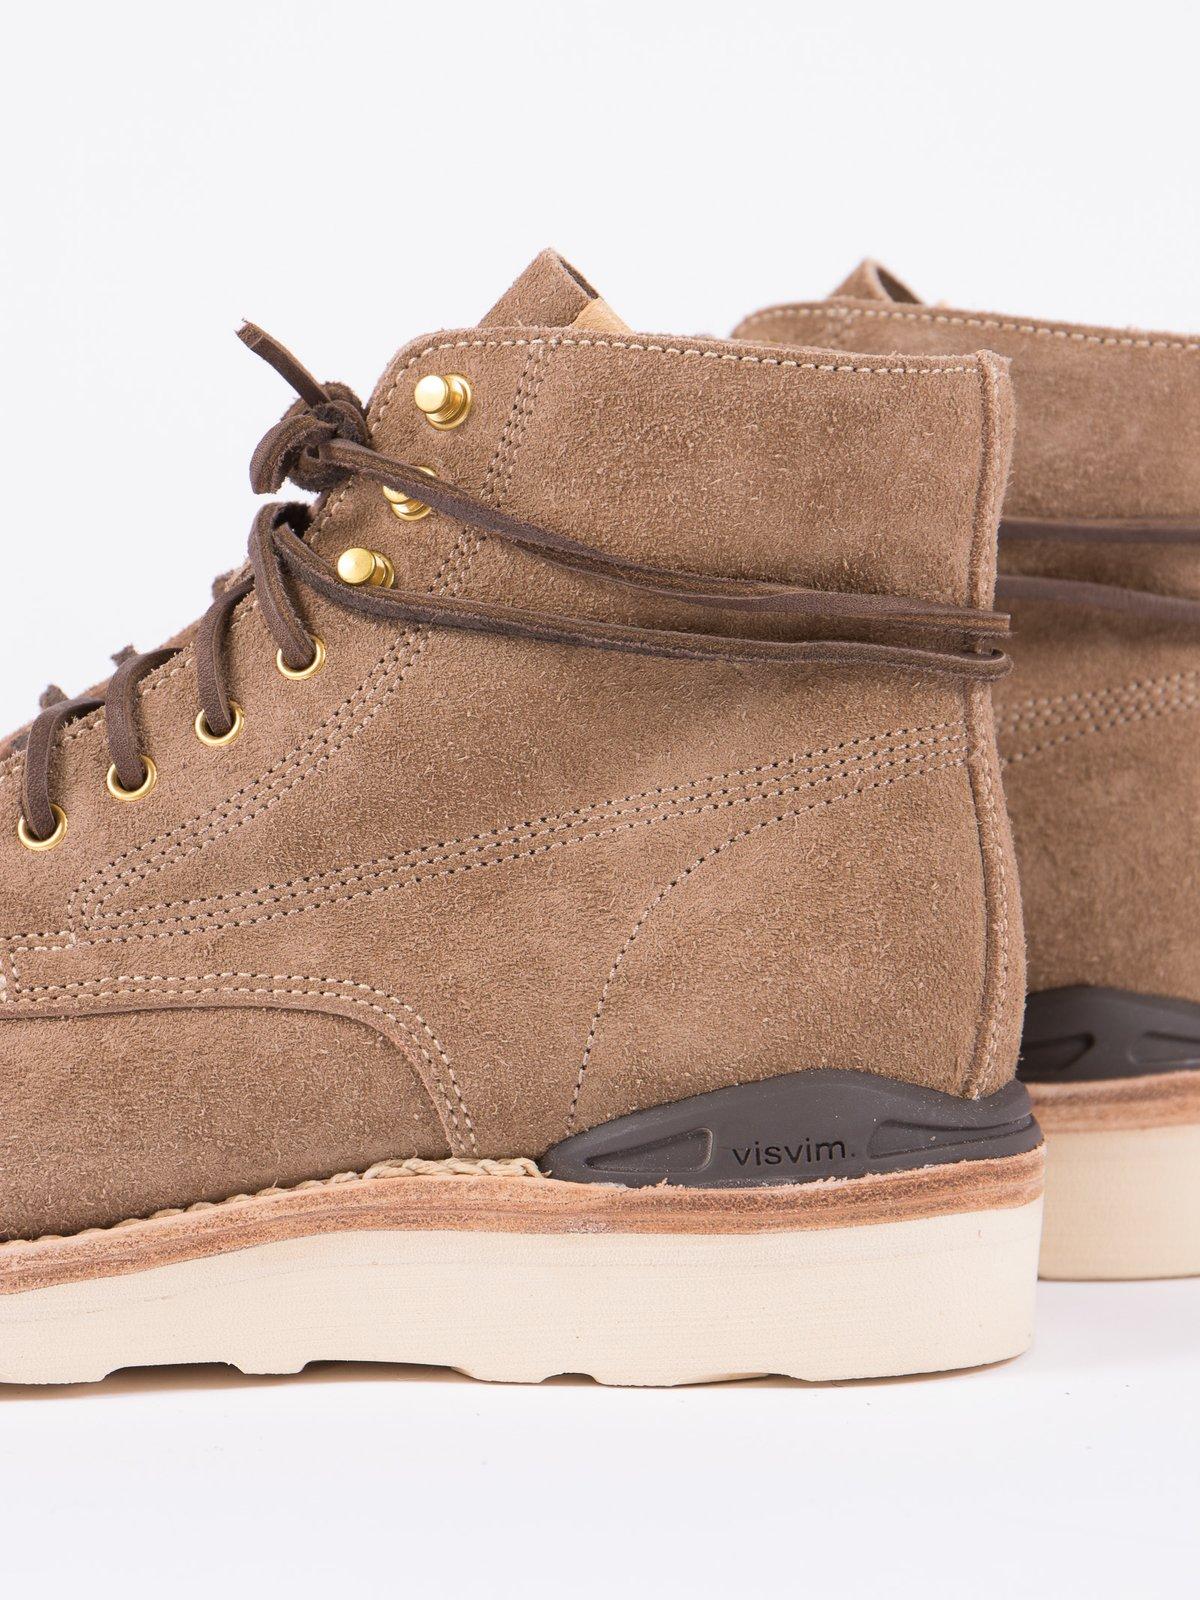 Sand Veg Suede Virgil Boots–Folk - Image 3